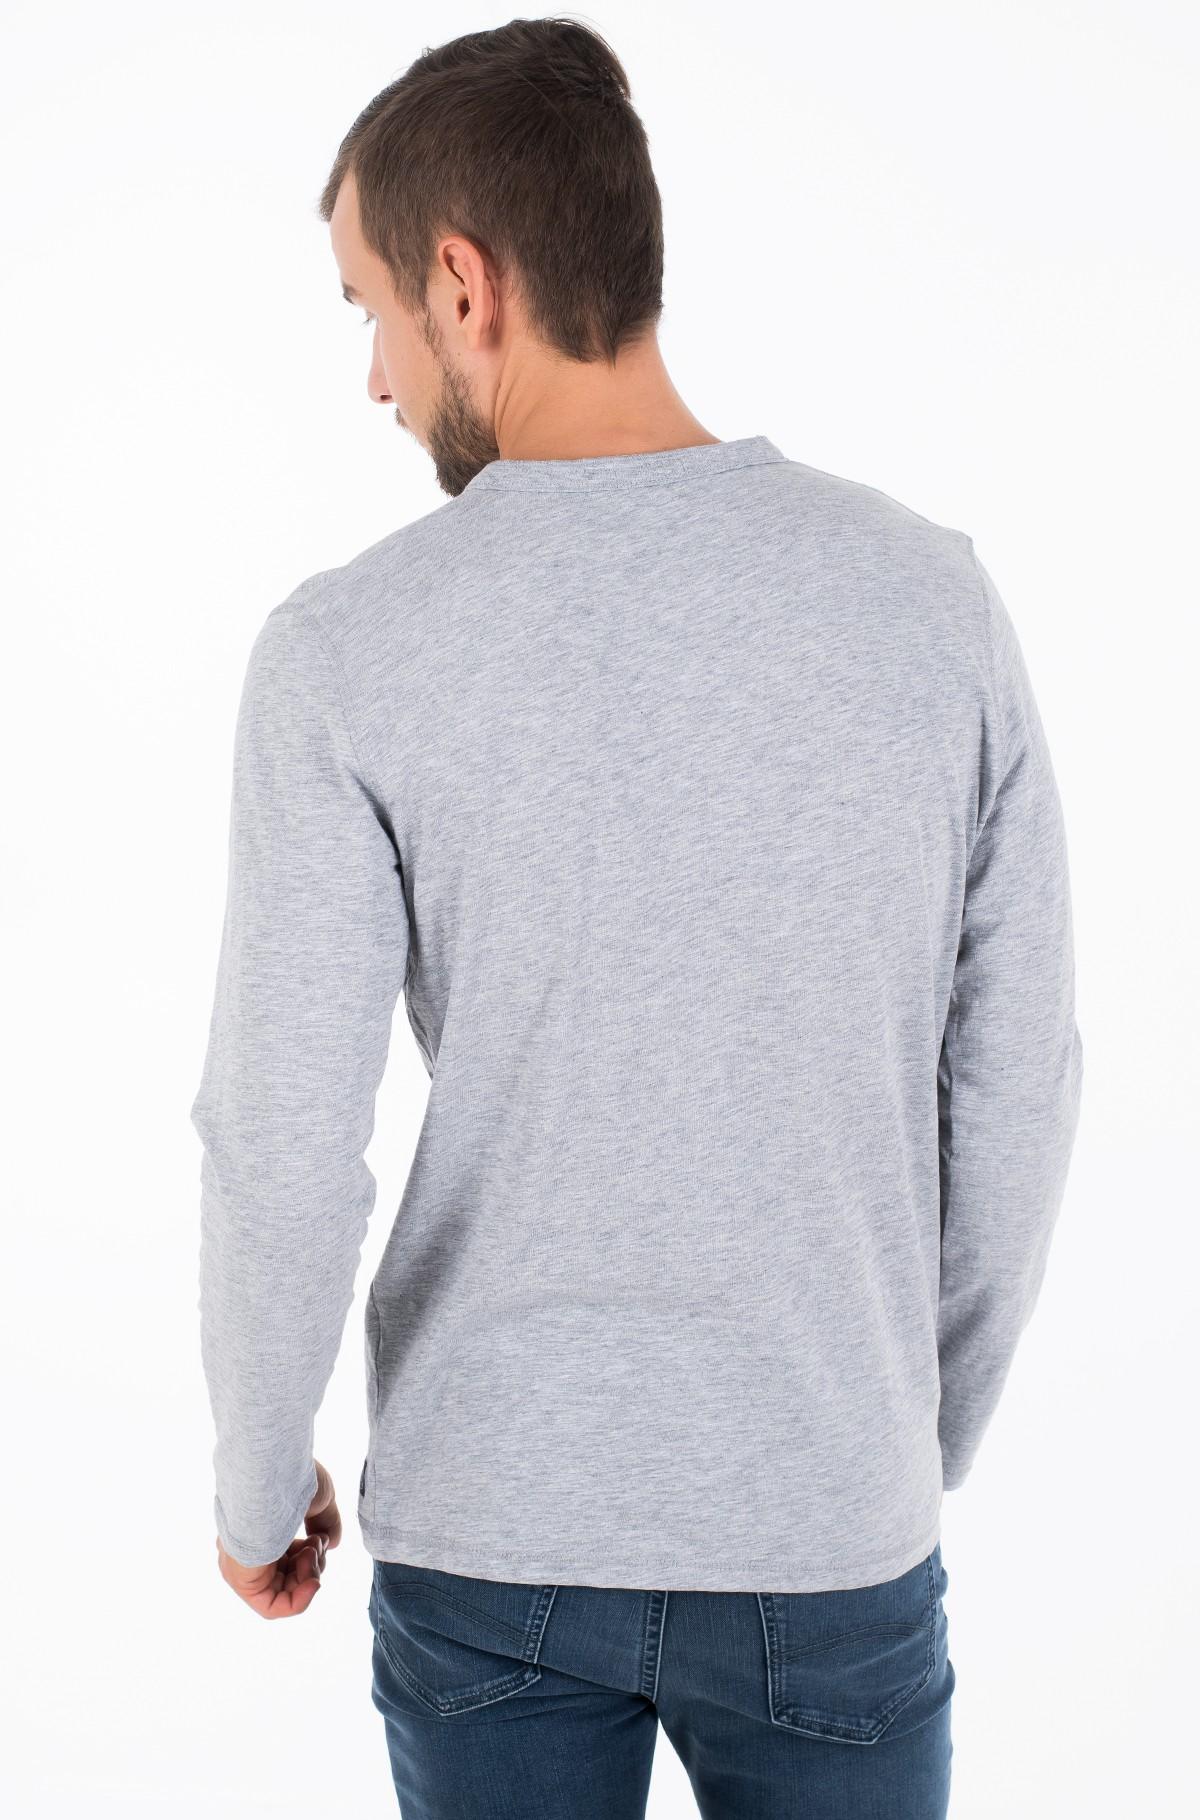 Long sleeved t-shirt 1016905-full-3